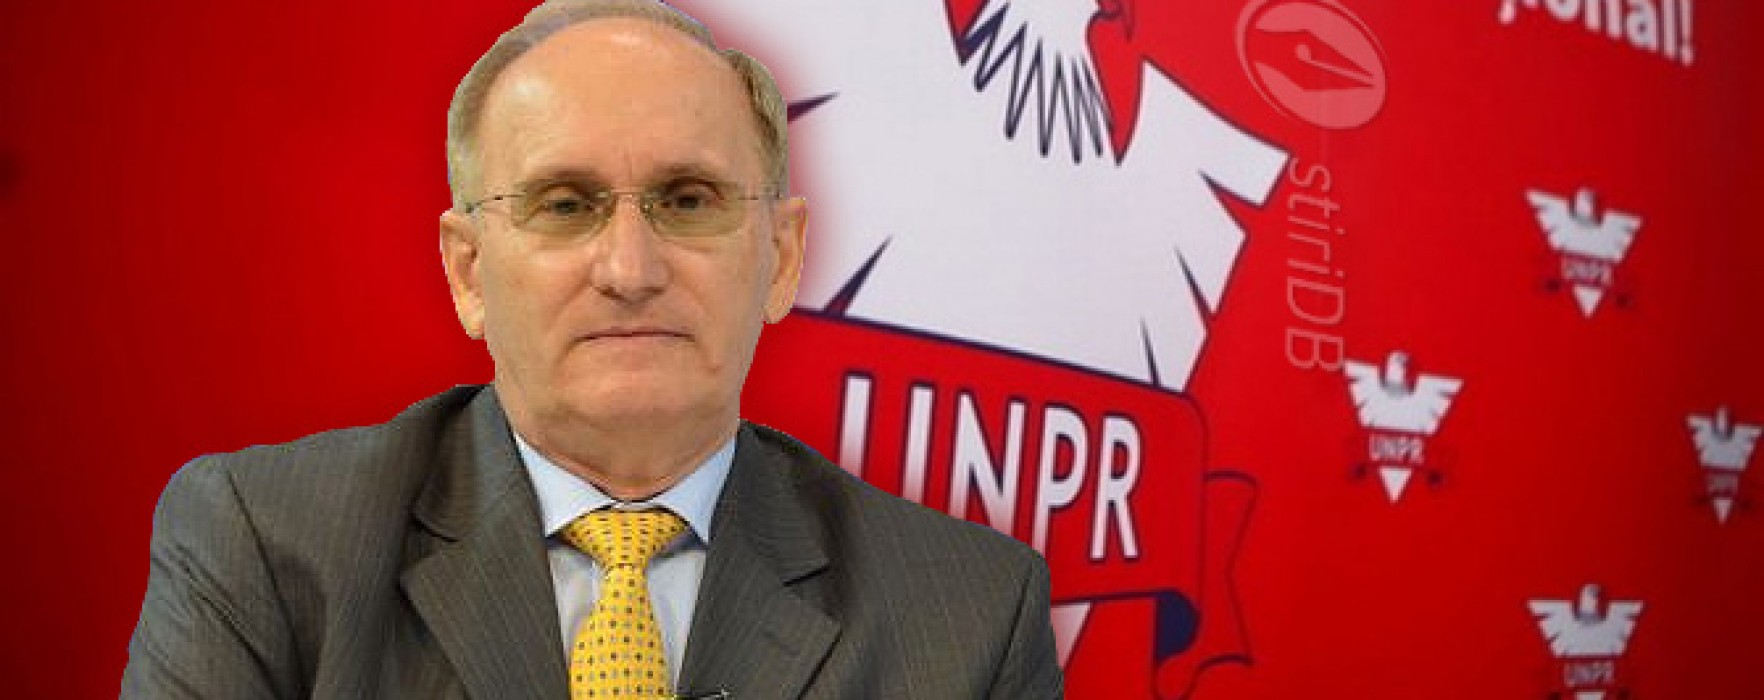 UNPR Dâmboviţa: Deputatul de Târgovişte Ion Pârgaru a trecut la UNPR